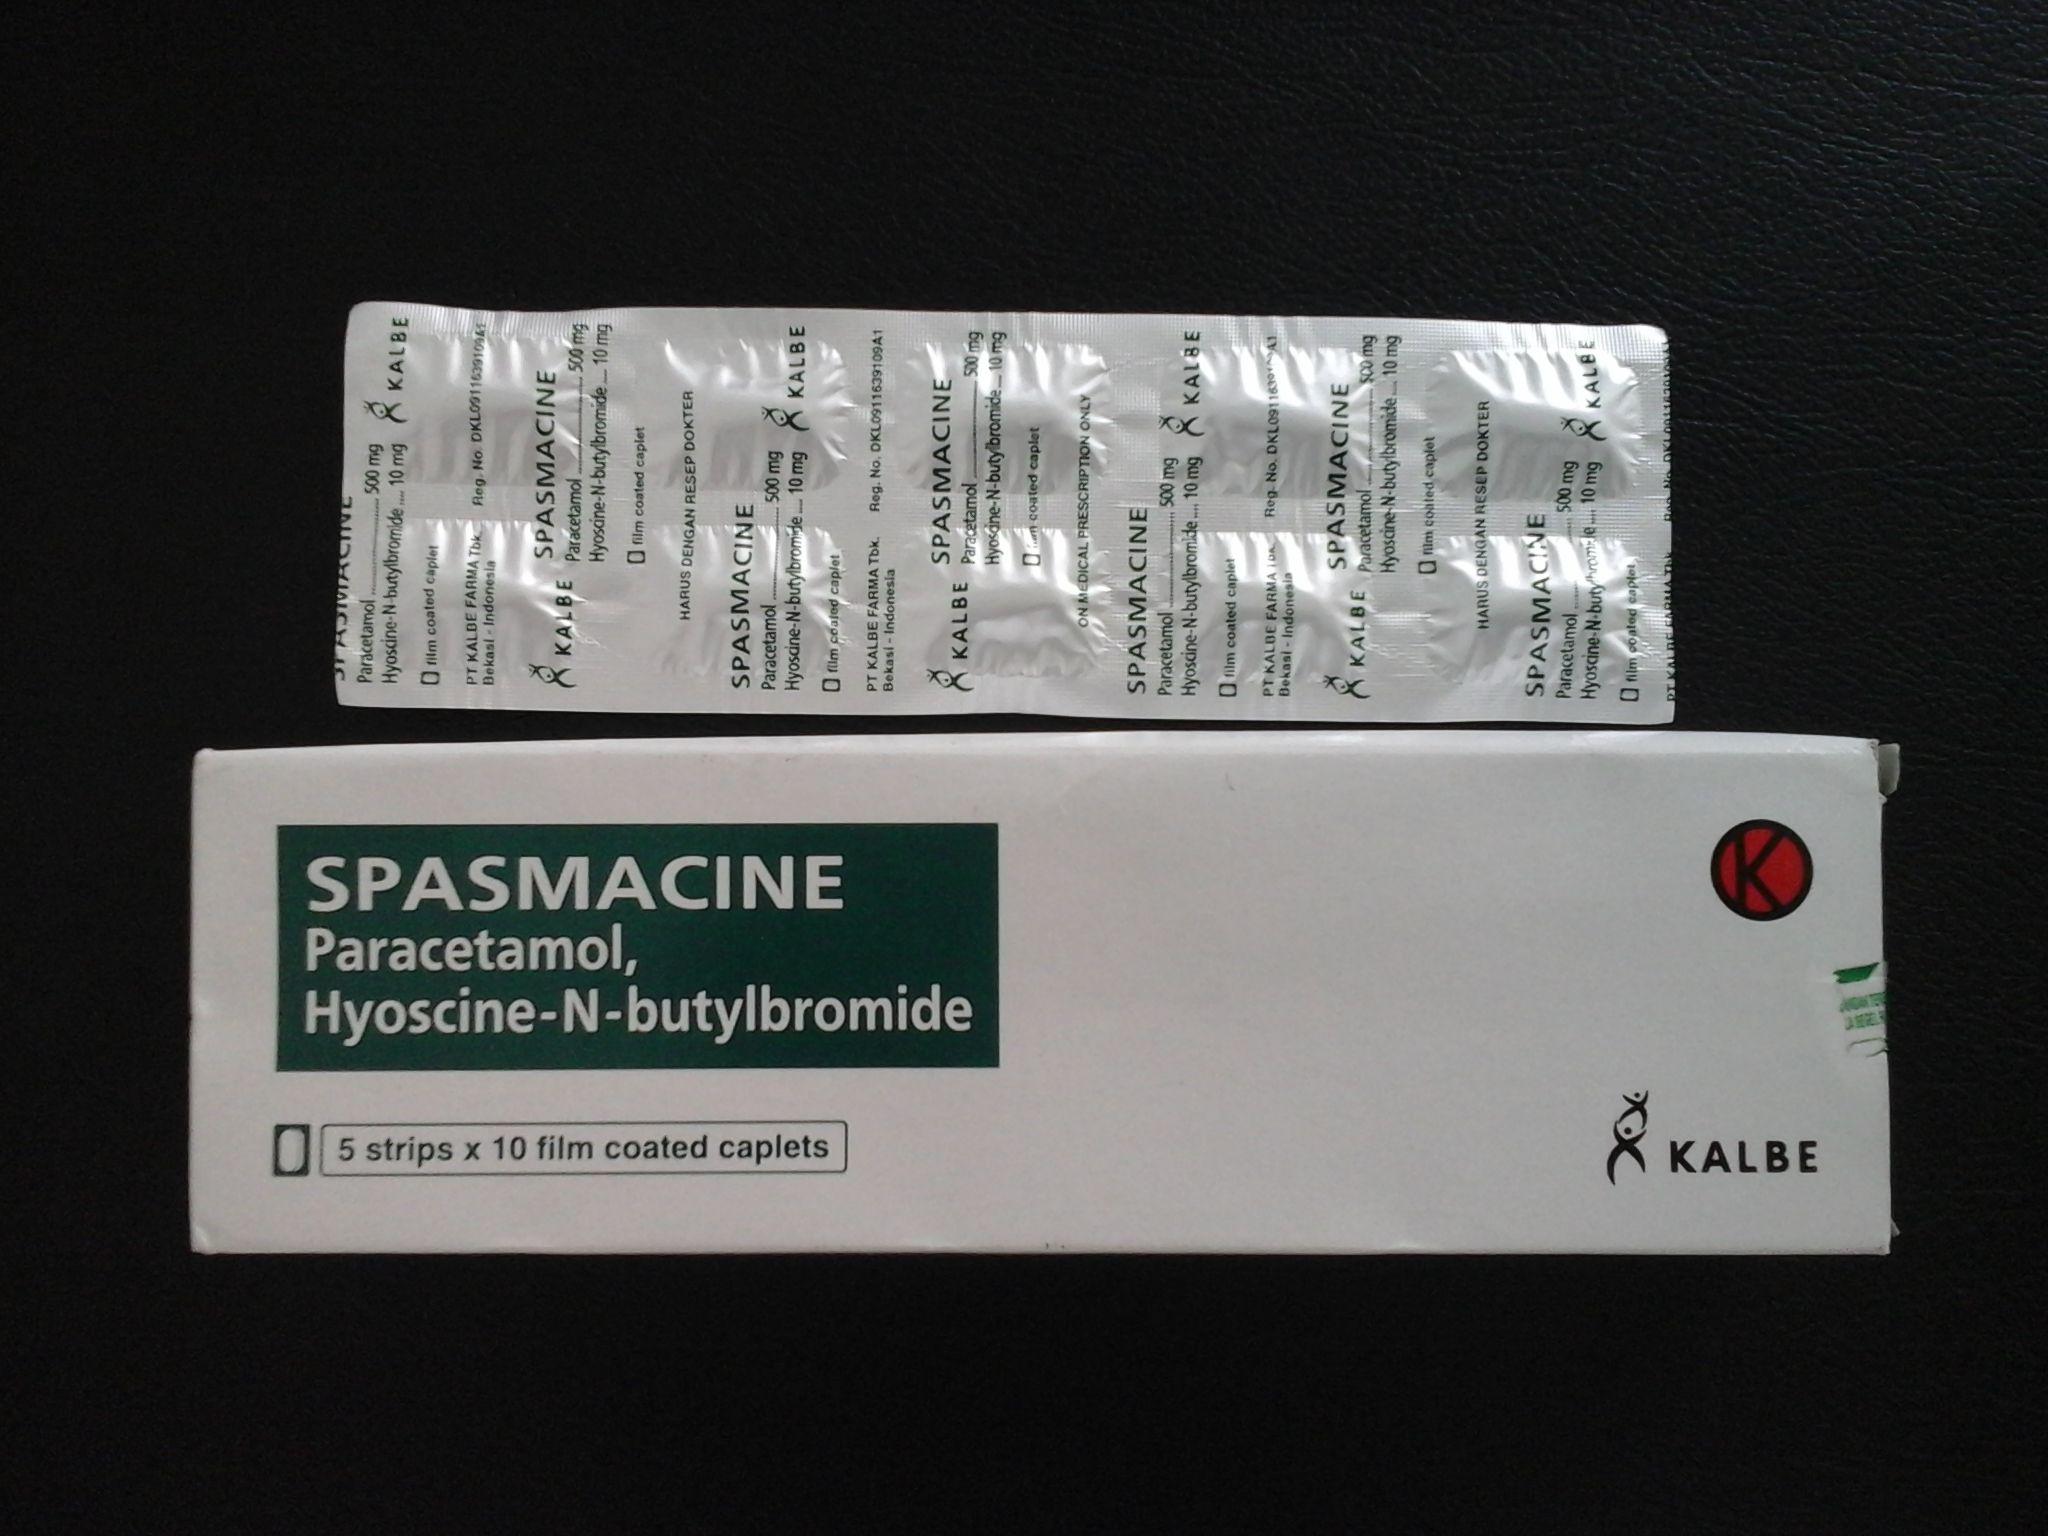 Obat spasmacine